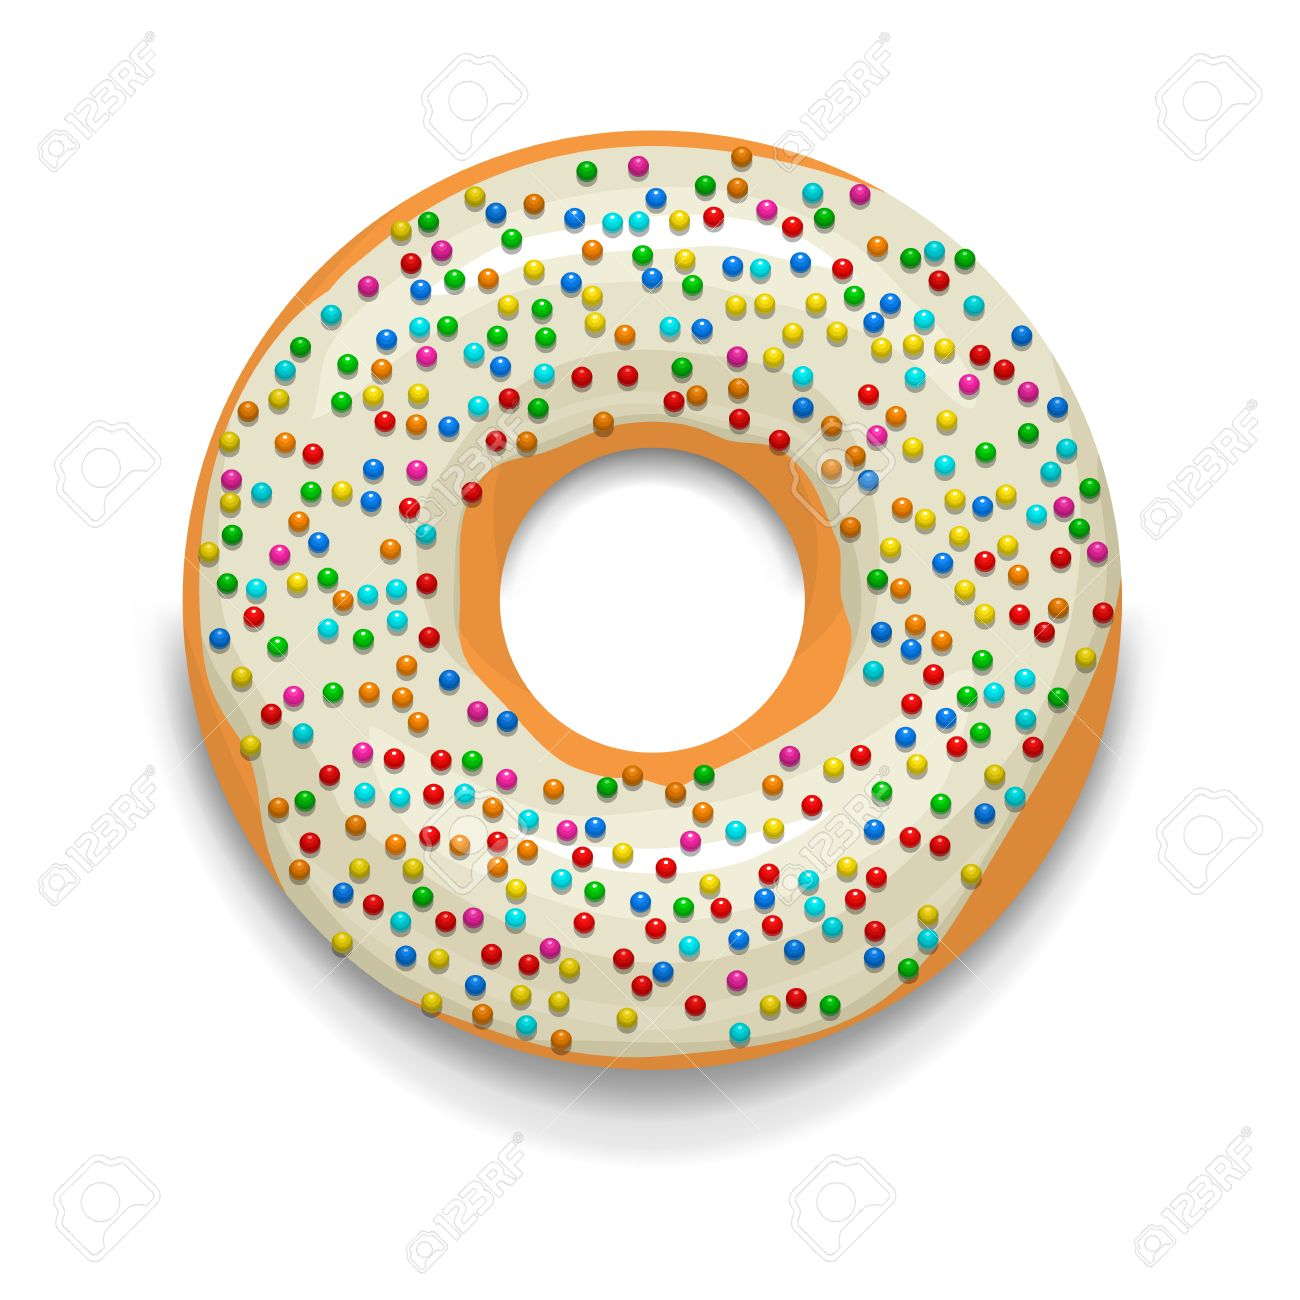 Glasierte Donut Mit Süßigkeiten Symbol Im Cartoon Stil Auf Einem ...